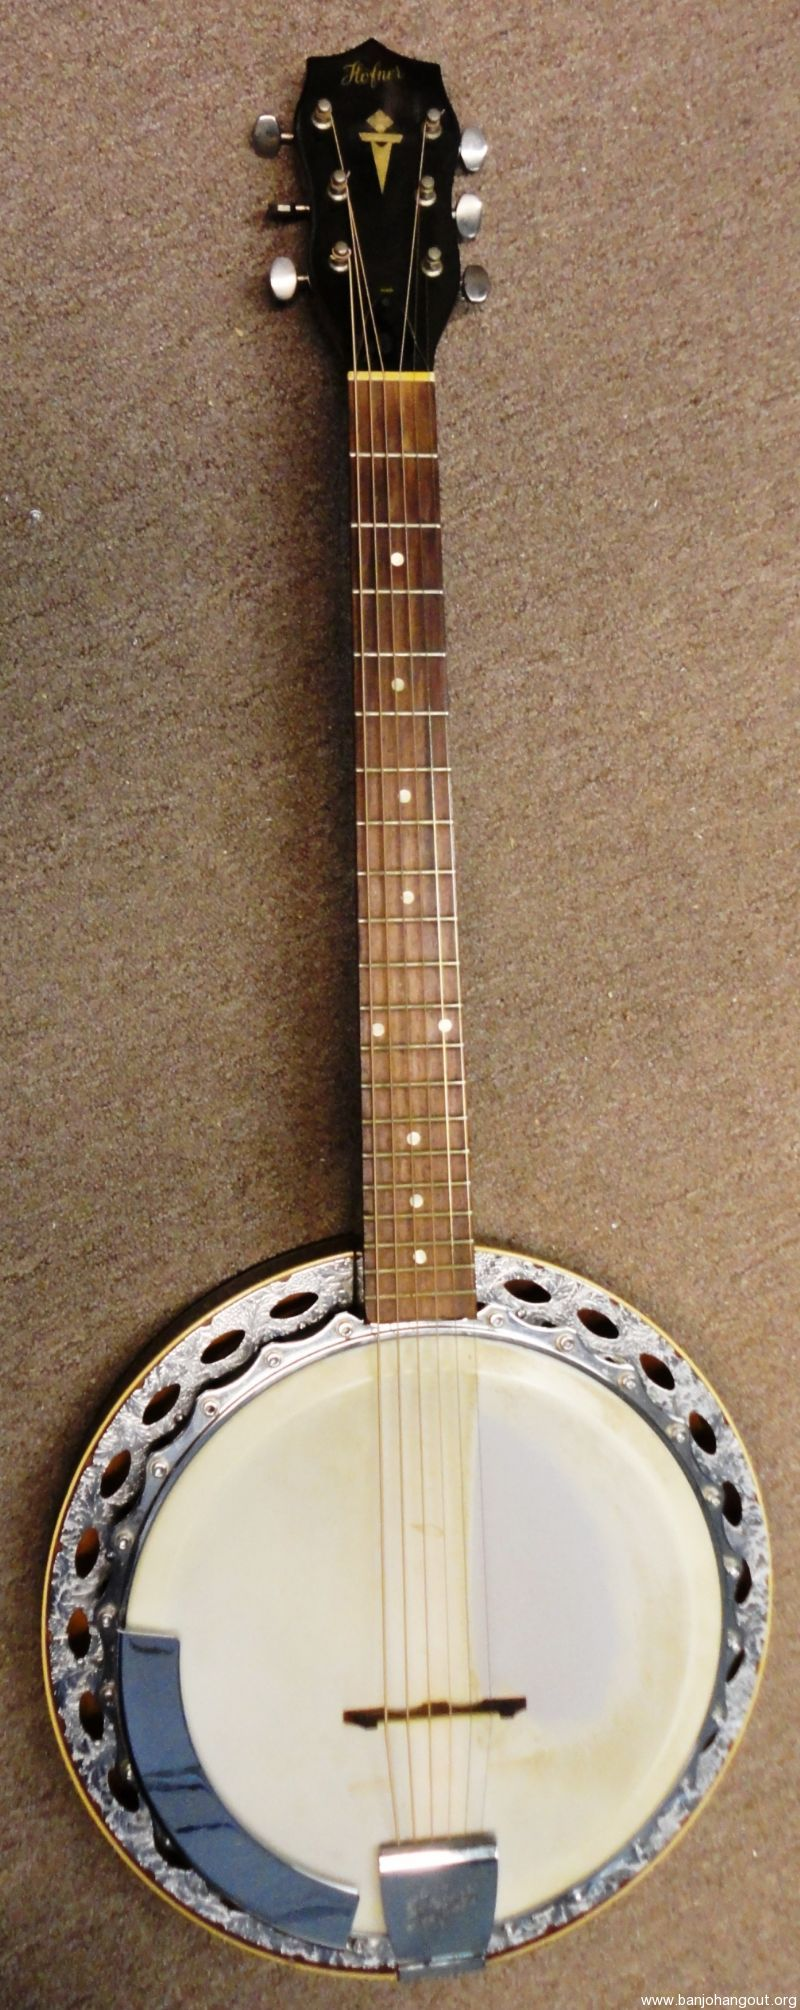 vintage hofner 6 string banjo used banjo for sale at. Black Bedroom Furniture Sets. Home Design Ideas